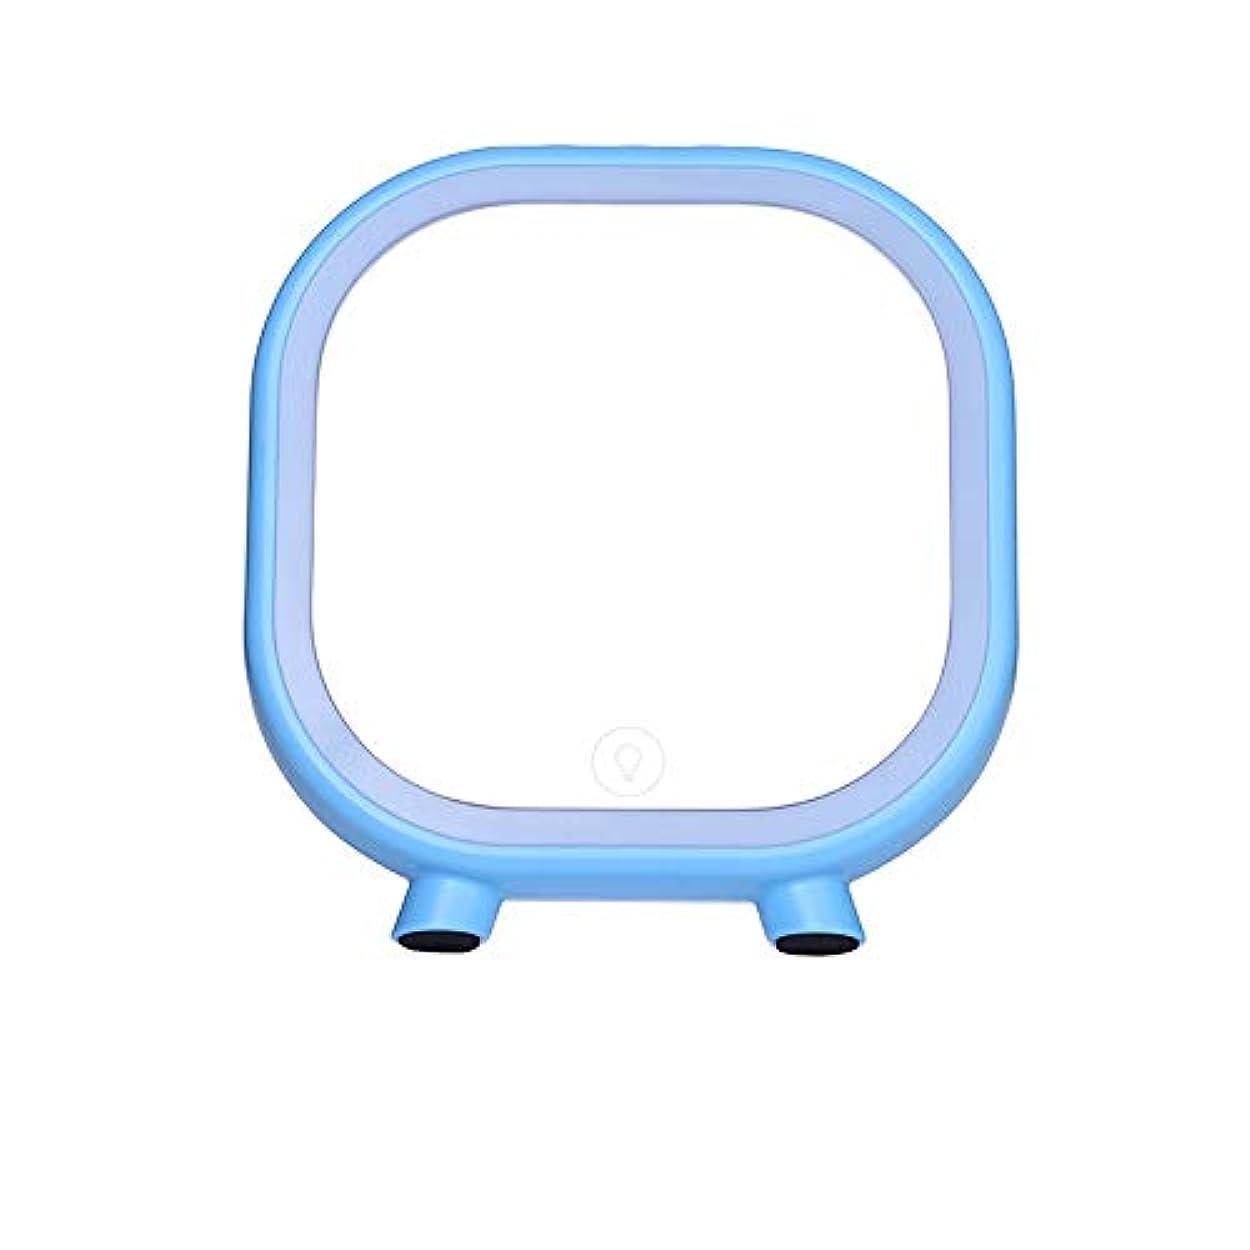 配列階段基礎流行の 創造的なLEDの薄いピンク/青い正方形のブルートゥースのスピーカーの化粧台/化粧鏡 (色 : Blue)